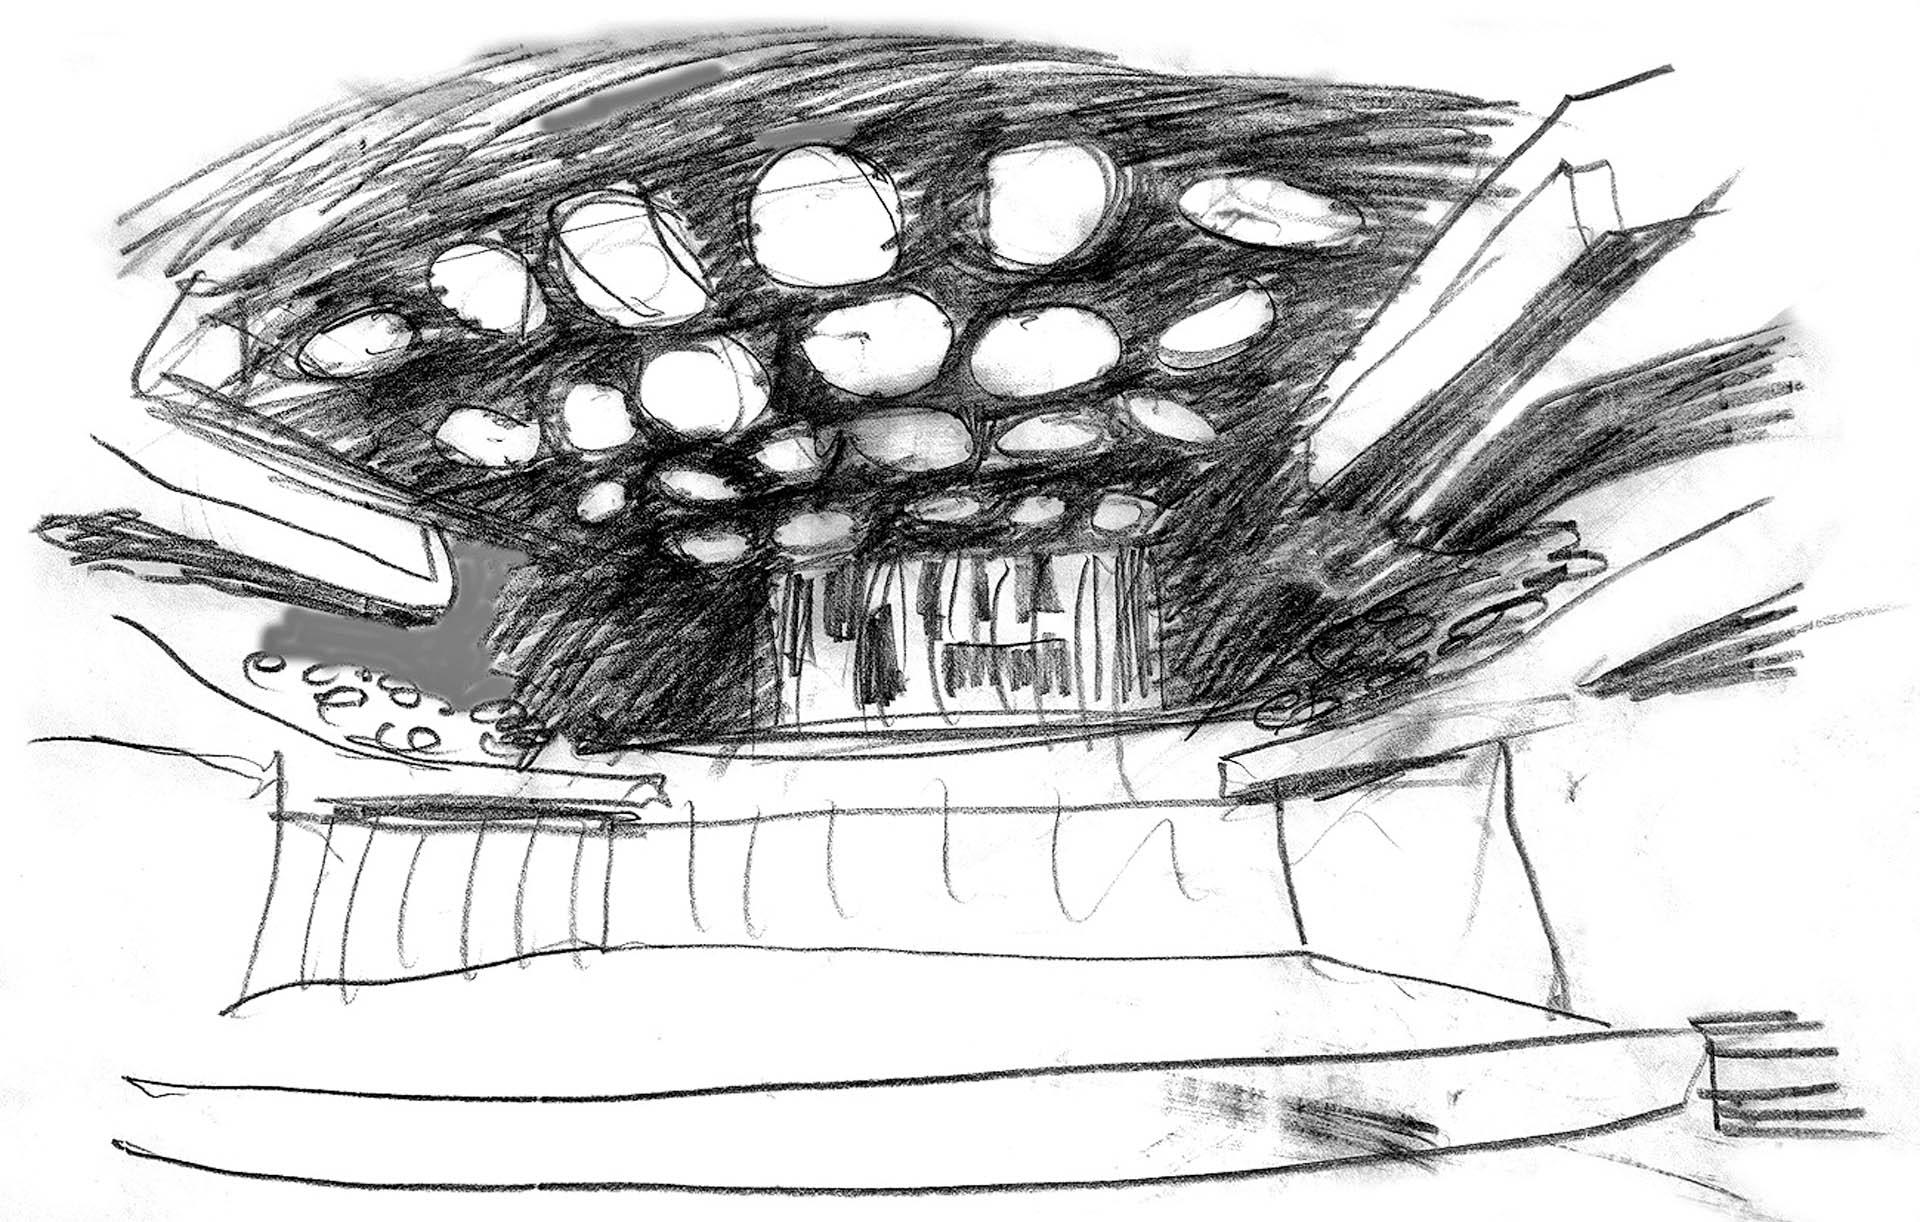 szkic koncepcyjny regulowanego reflektora akustycznego wSaliAudytoryjnej